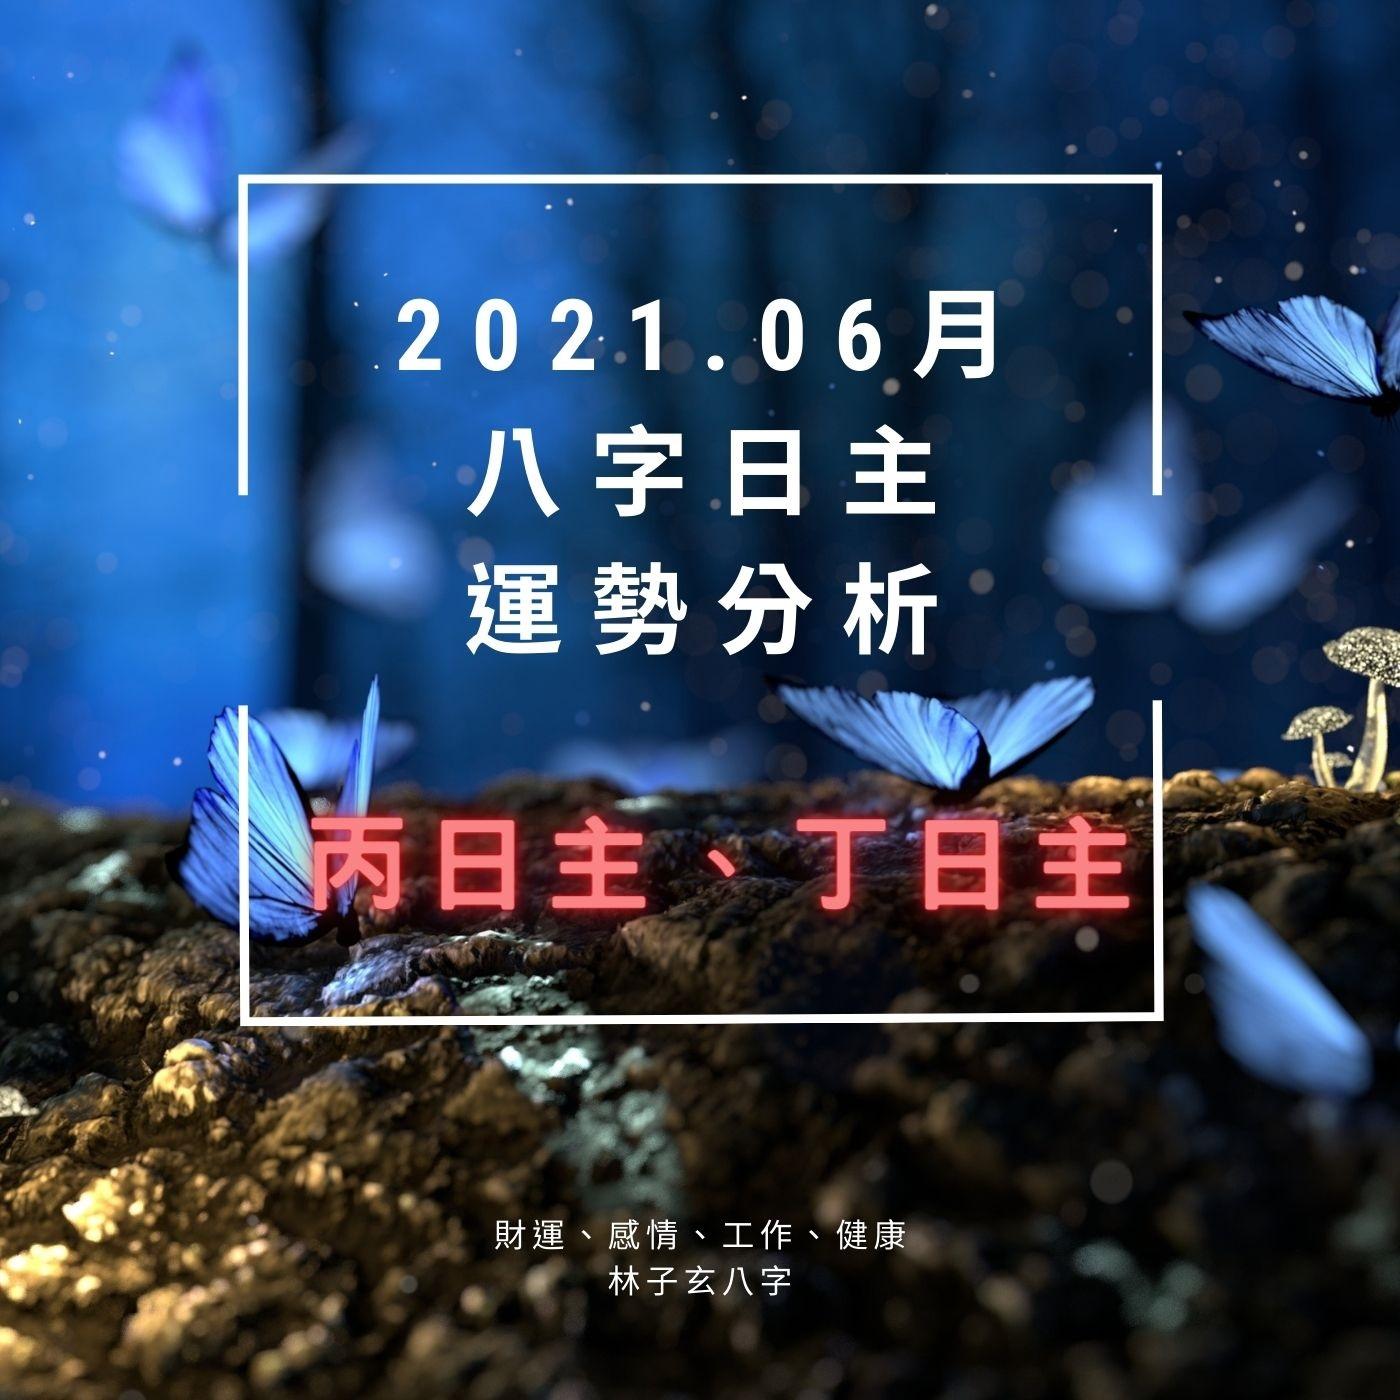 2021.06月辛丑年 八字日主運勢分析,丙日主、丁日主(06/05-07/06)